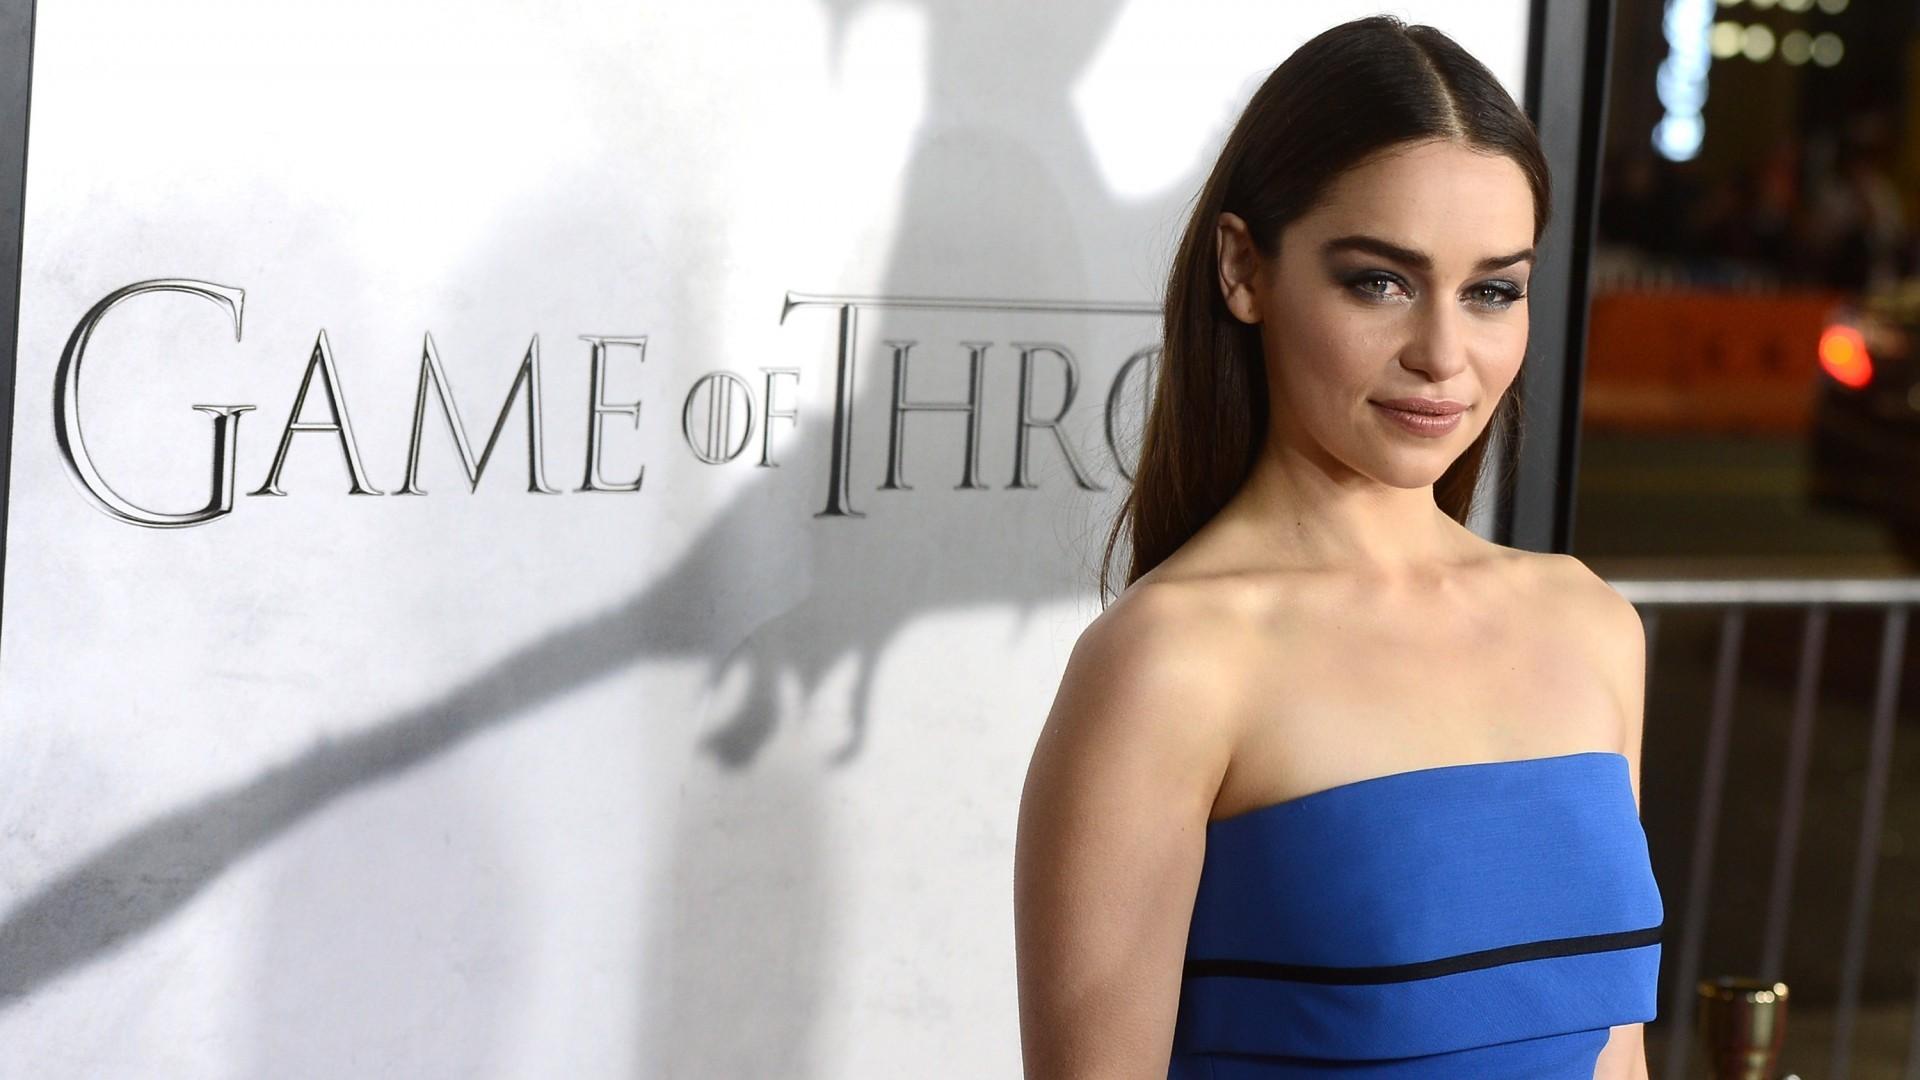 Game Of Thrones Daenerys Targaryen Brunette Emilia Clarke Wallpaper